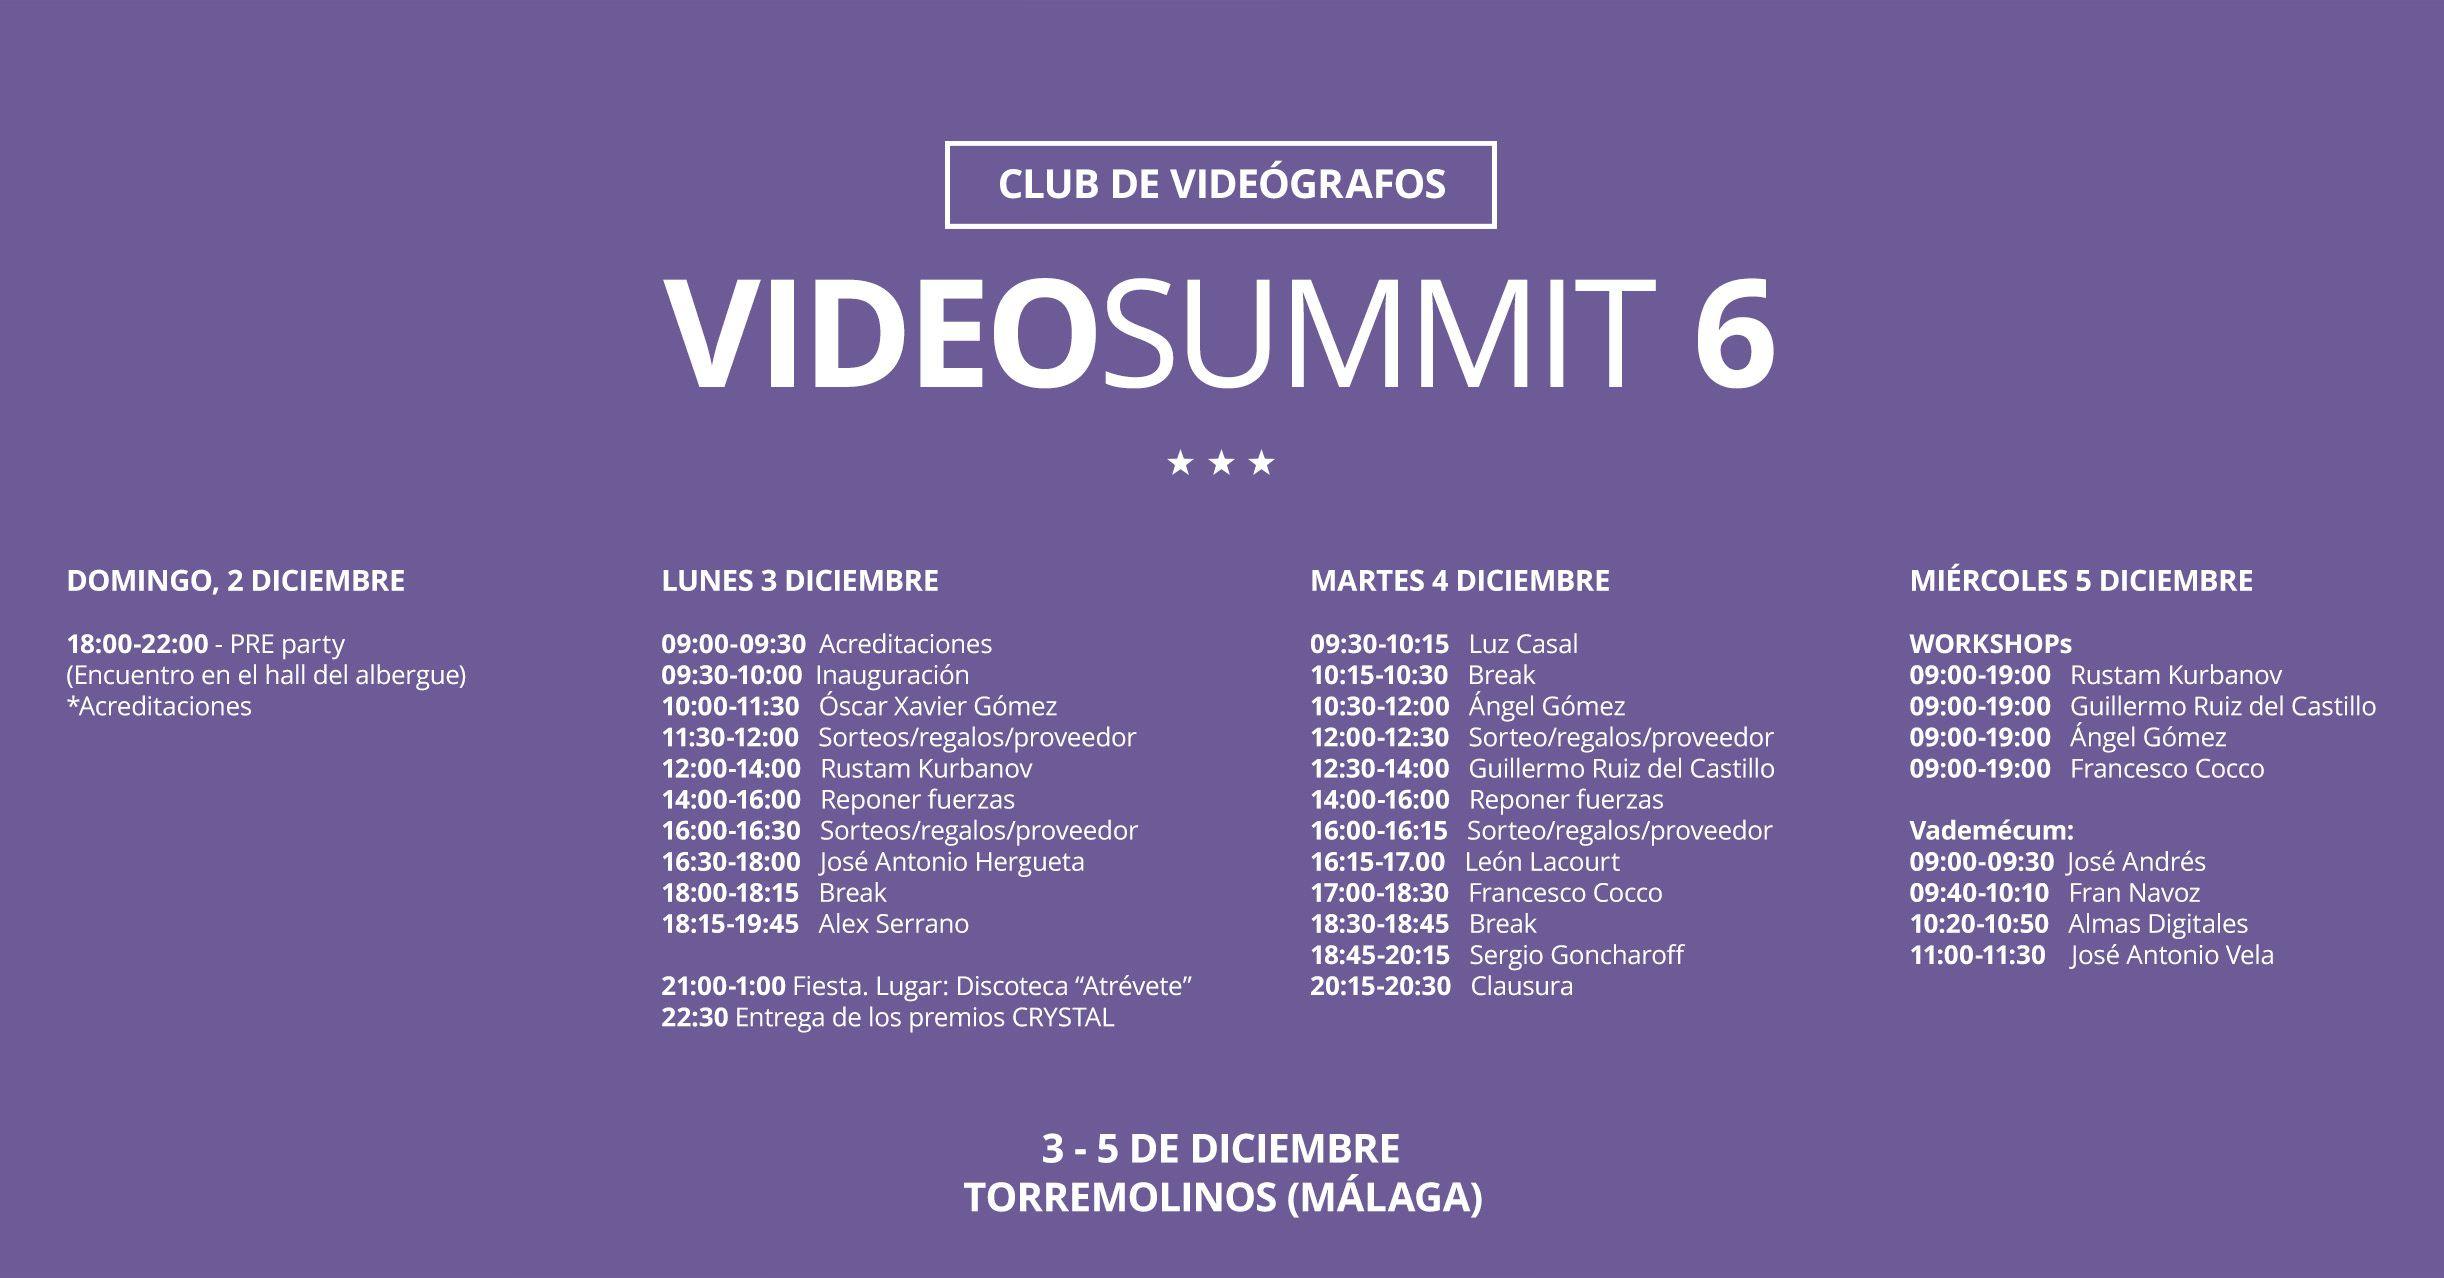 Horario de VideoSUMMIT 6